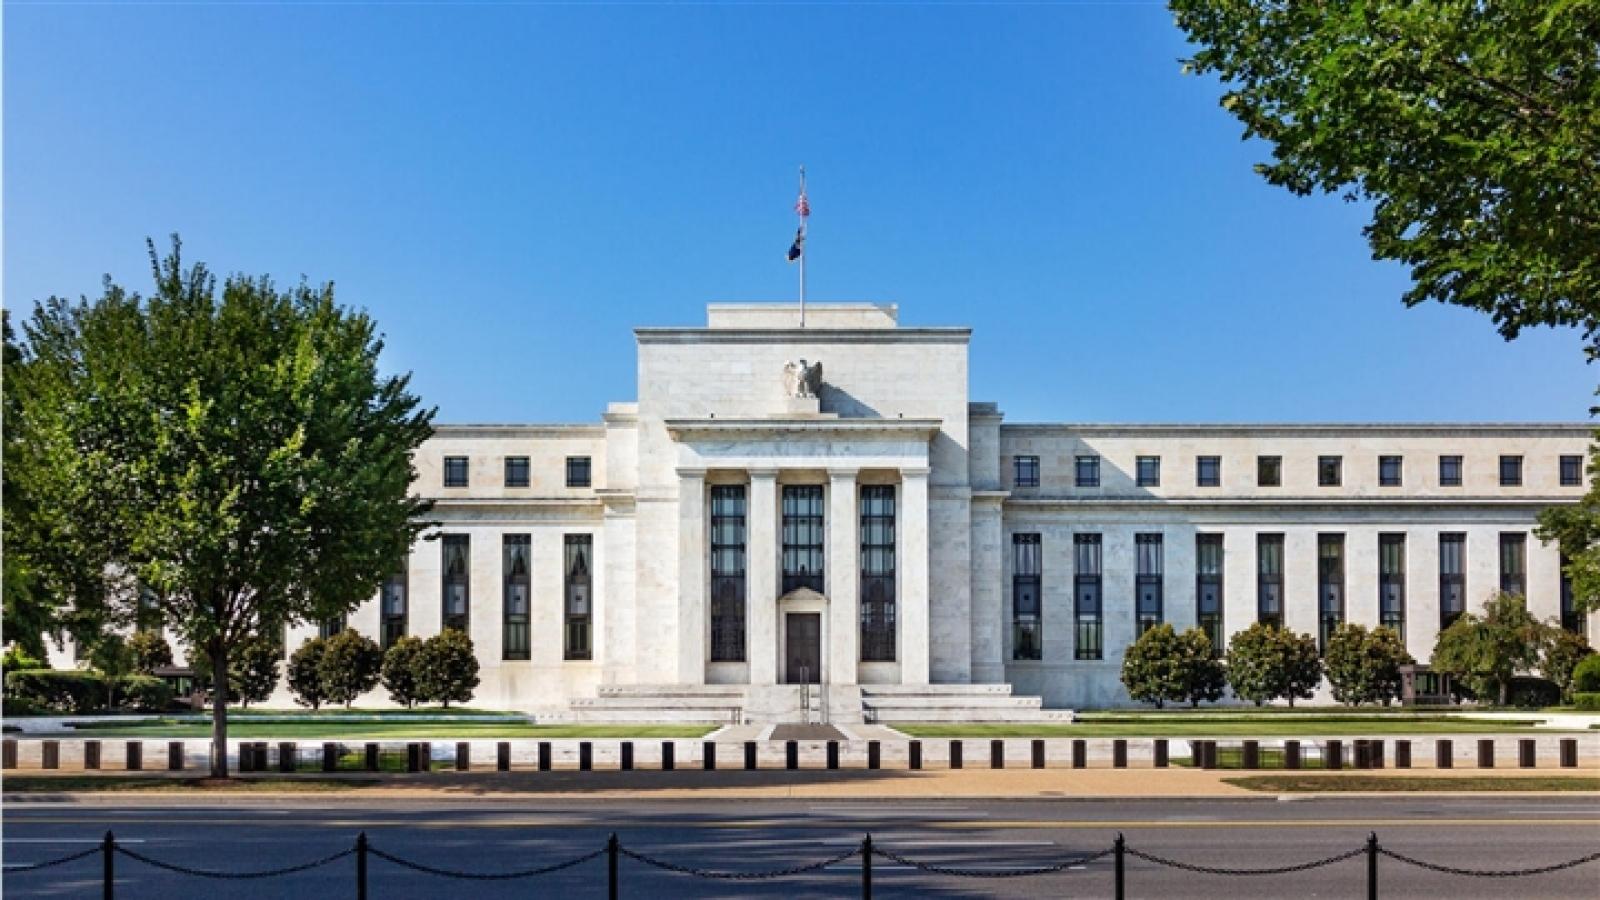 FED giữ nguyên mức lãi suất thấp, dự báo tăng vào năm 2023